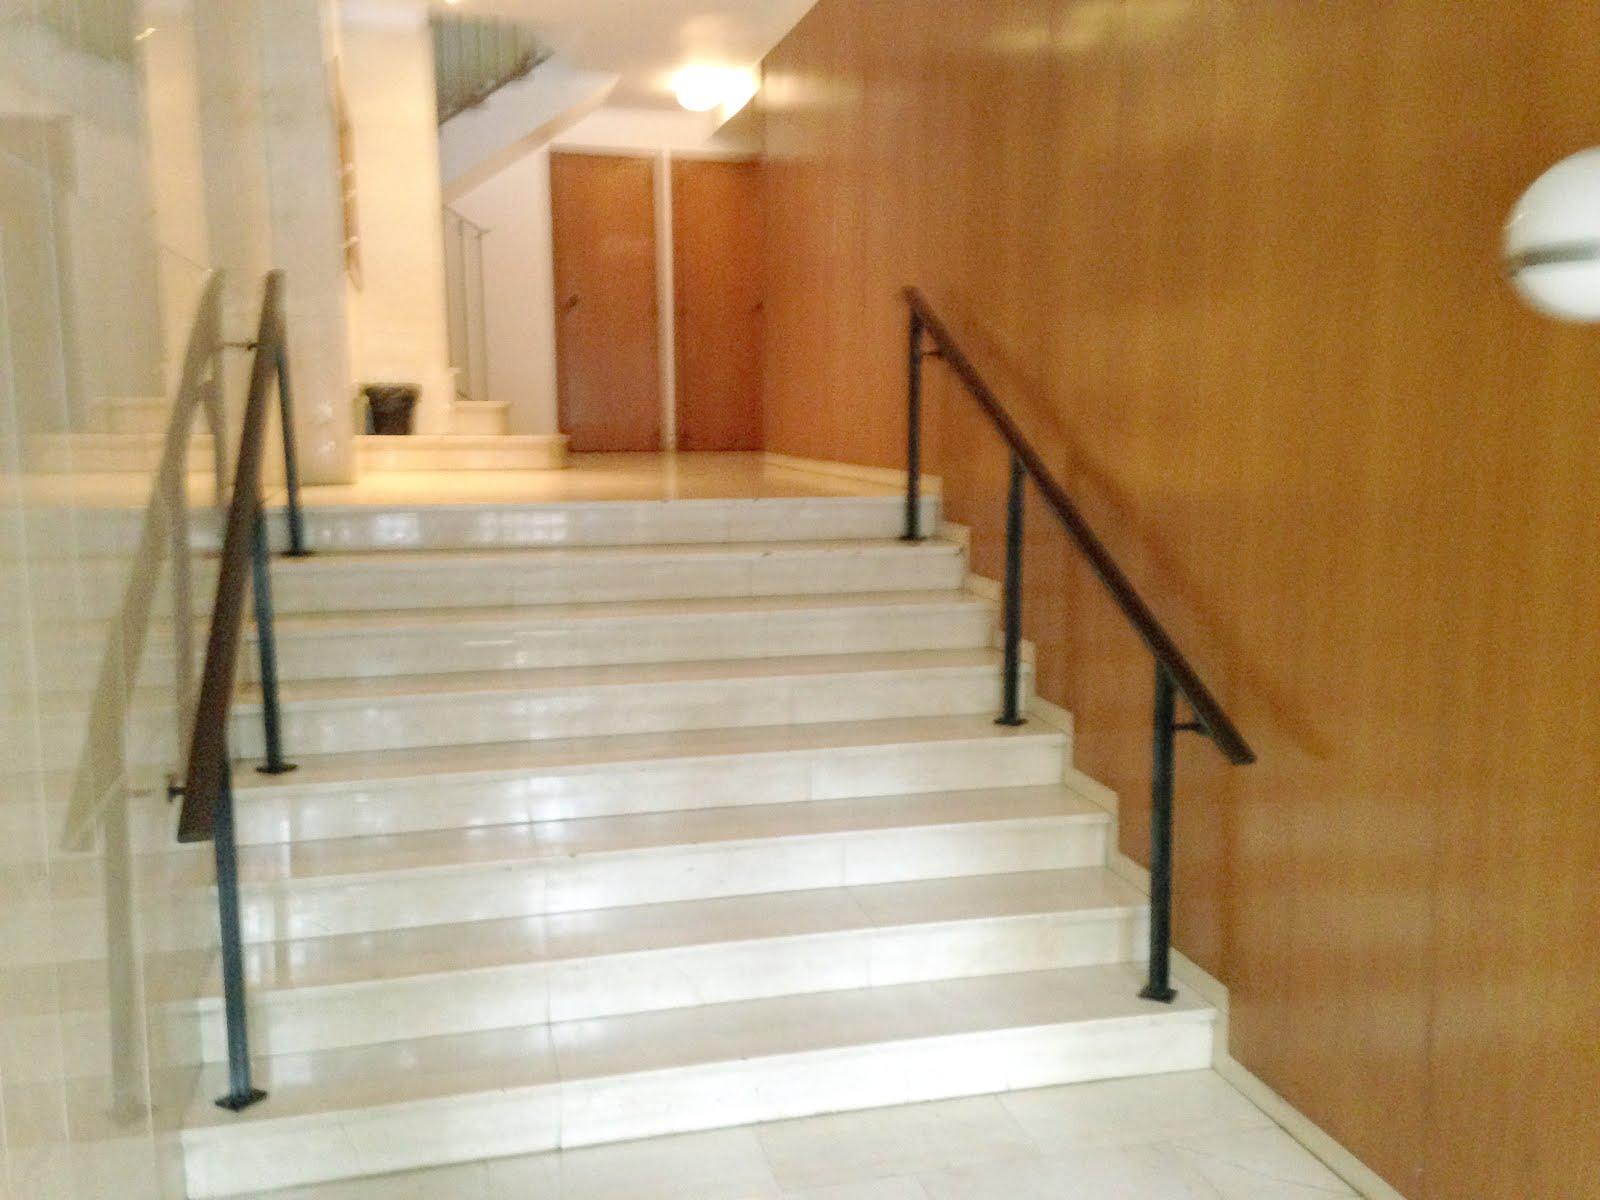 Eliminaci n de barreras arquitect nicas accesibilidad trazia for Barreras arquitectonicas